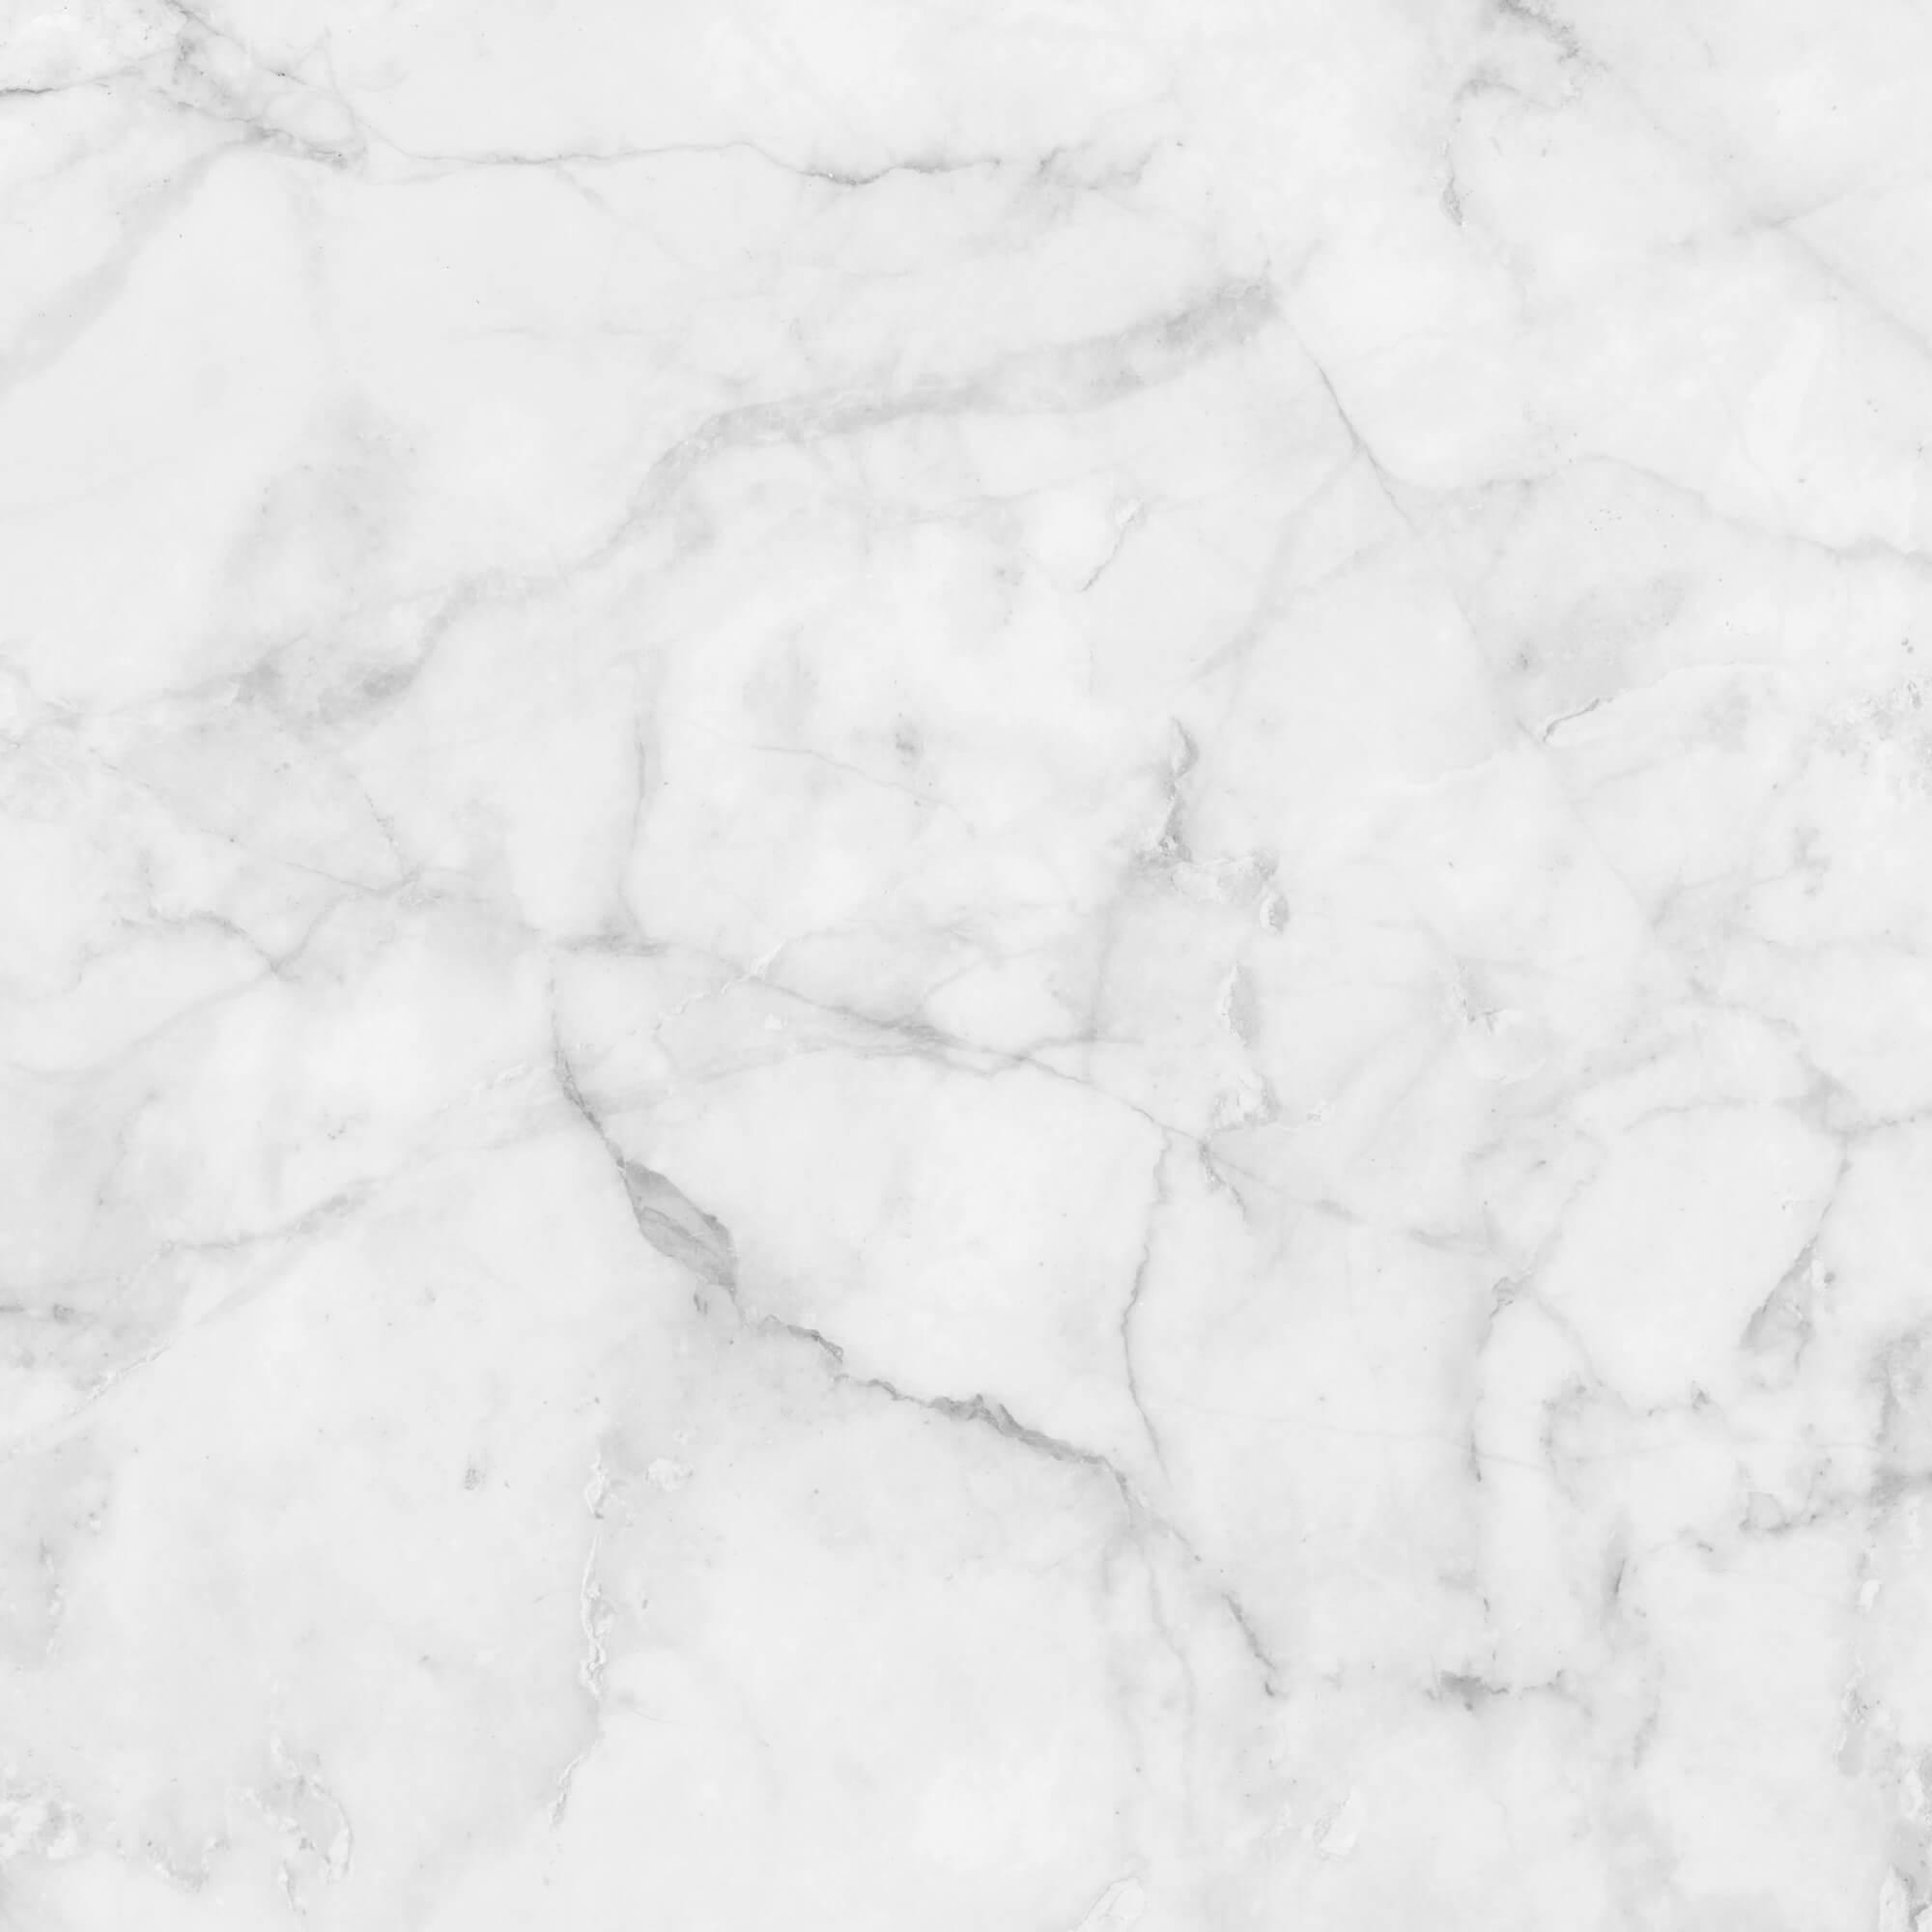 Carrelage 100% Marbre poli blanc Carrare Lucido Piccolo